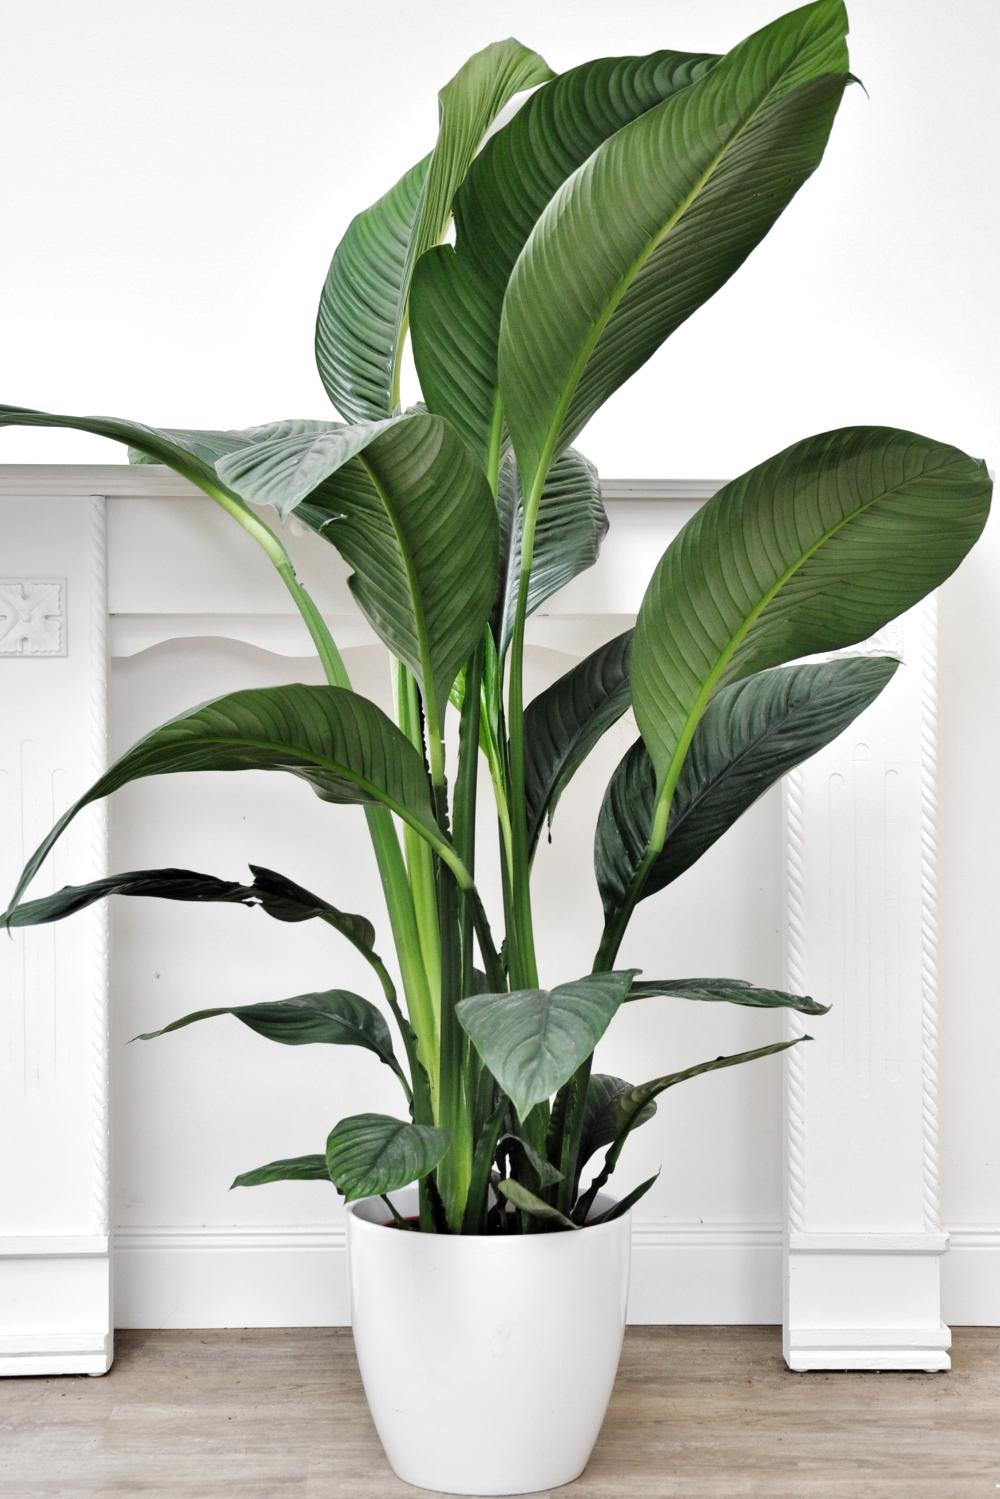 Friedenslilie (Blattfahne) Sensation | Zimmerpflanzen | Themenwelt | Der  Palmenmann | Wohnzimmer pflanzen, Pflanzen zimmer, Blattfahne